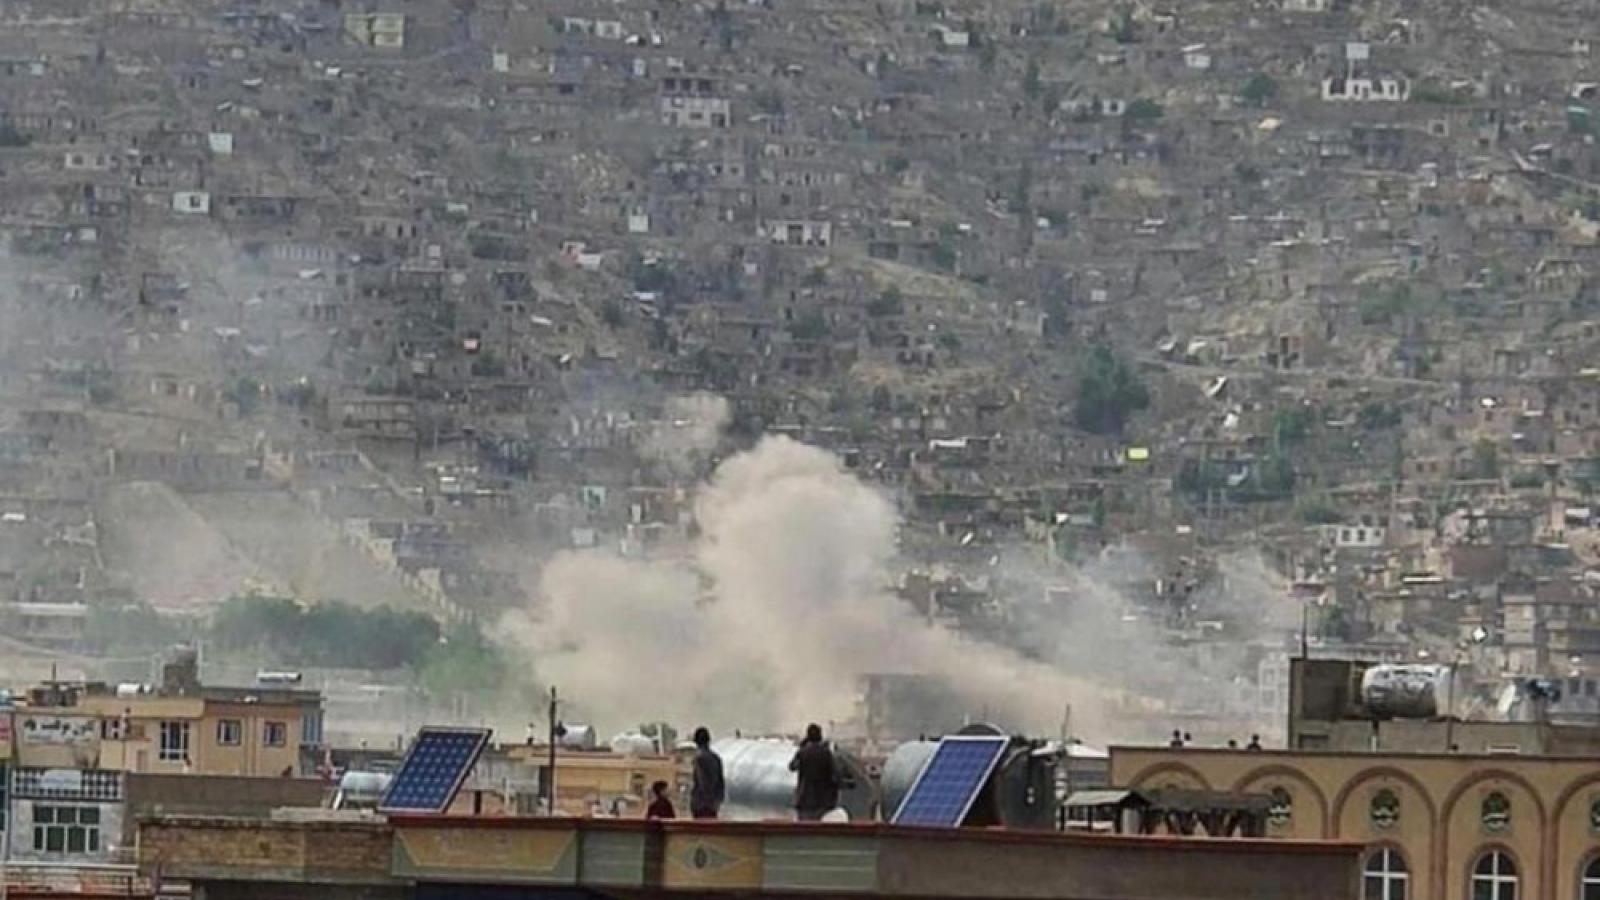 Vụ nổ liên hoàn tại Afghanistan: Ít nhất 55 người thiệt mạng và hơn 150 người bị thương